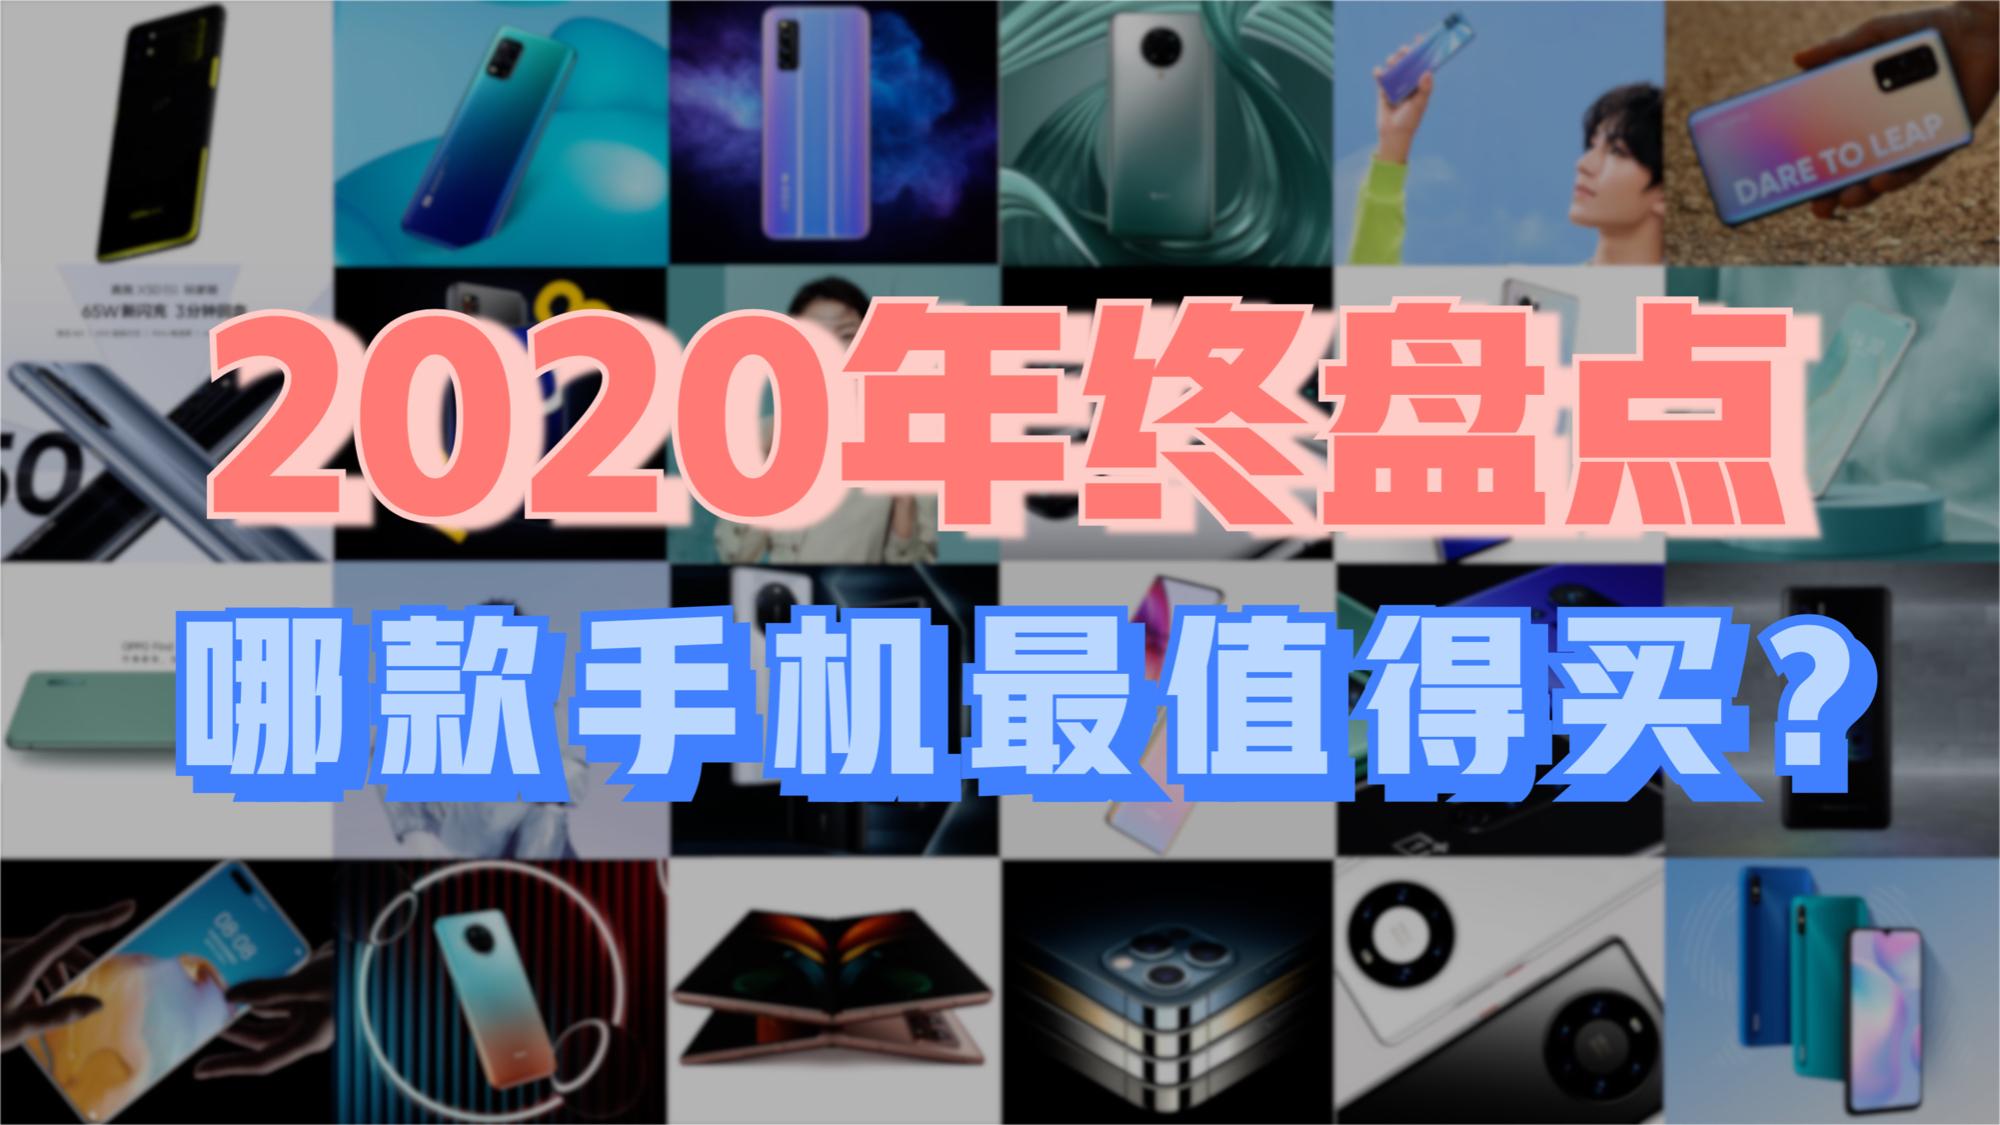 2020年终大盘点,1000-5000元各价位段机型推荐,哪款手机最值得买?【新评科技】